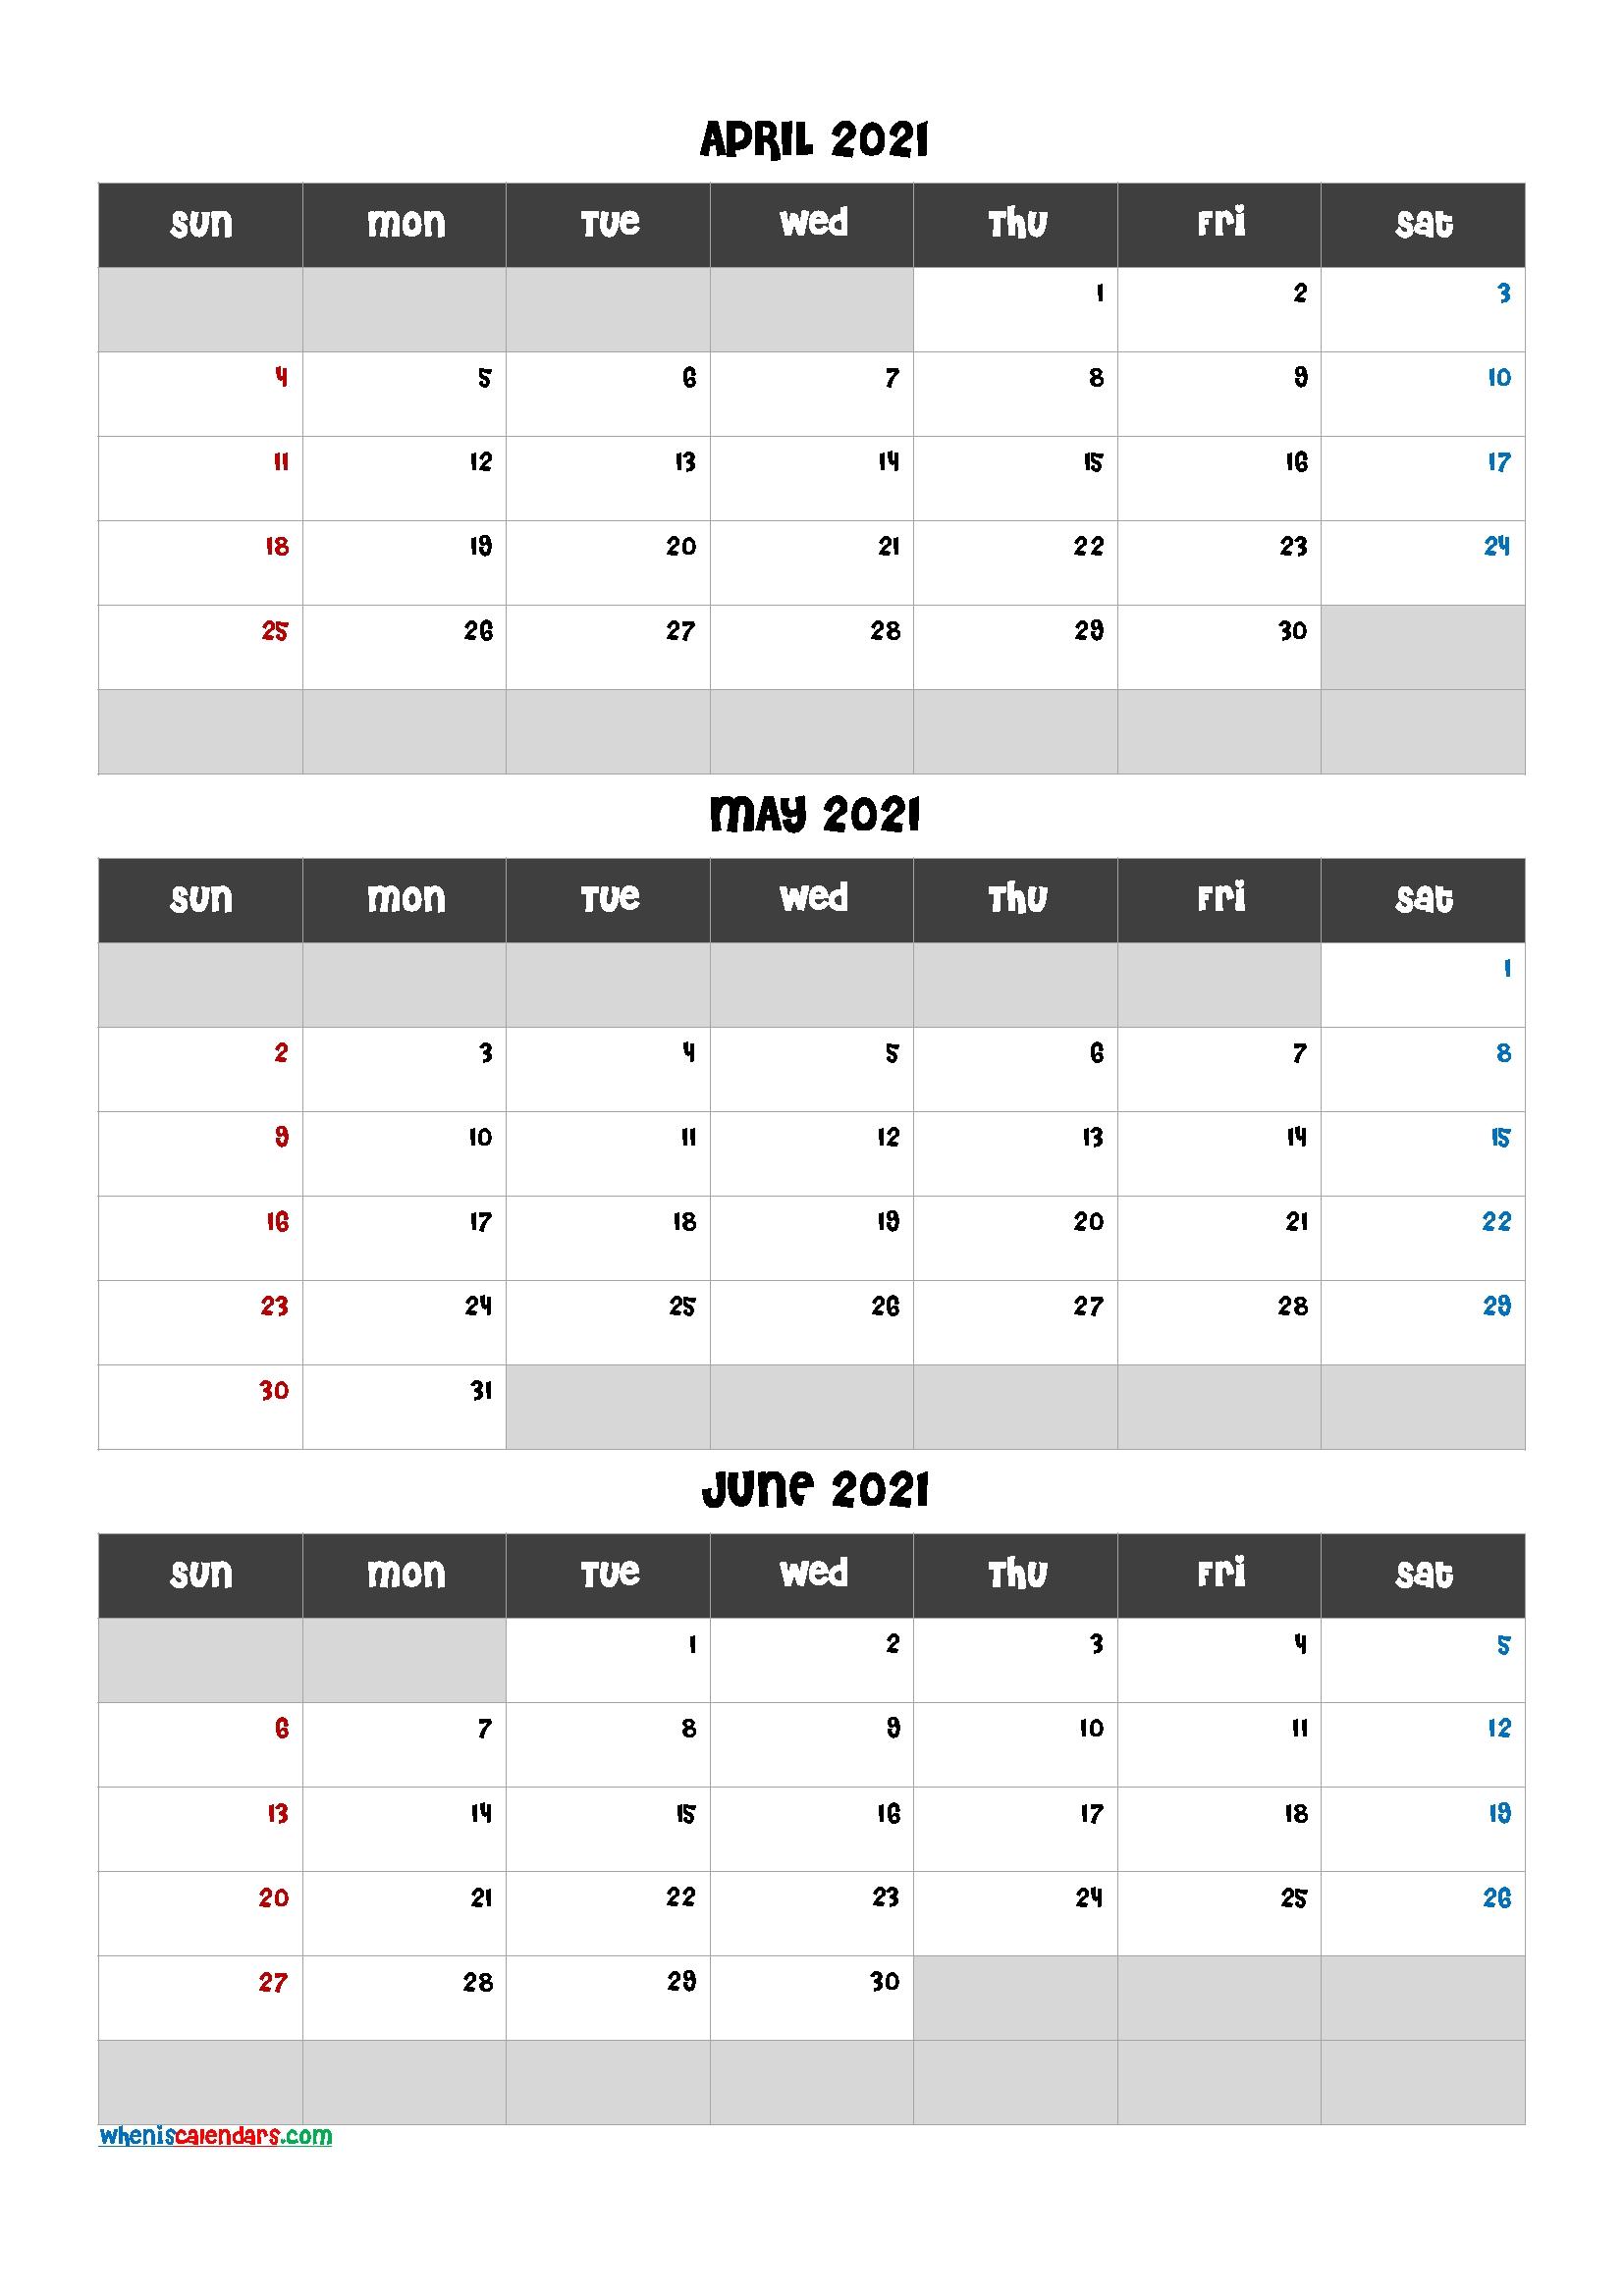 Free January February March 2021 Calendar - Calendraex April Through June 2021 Calendar